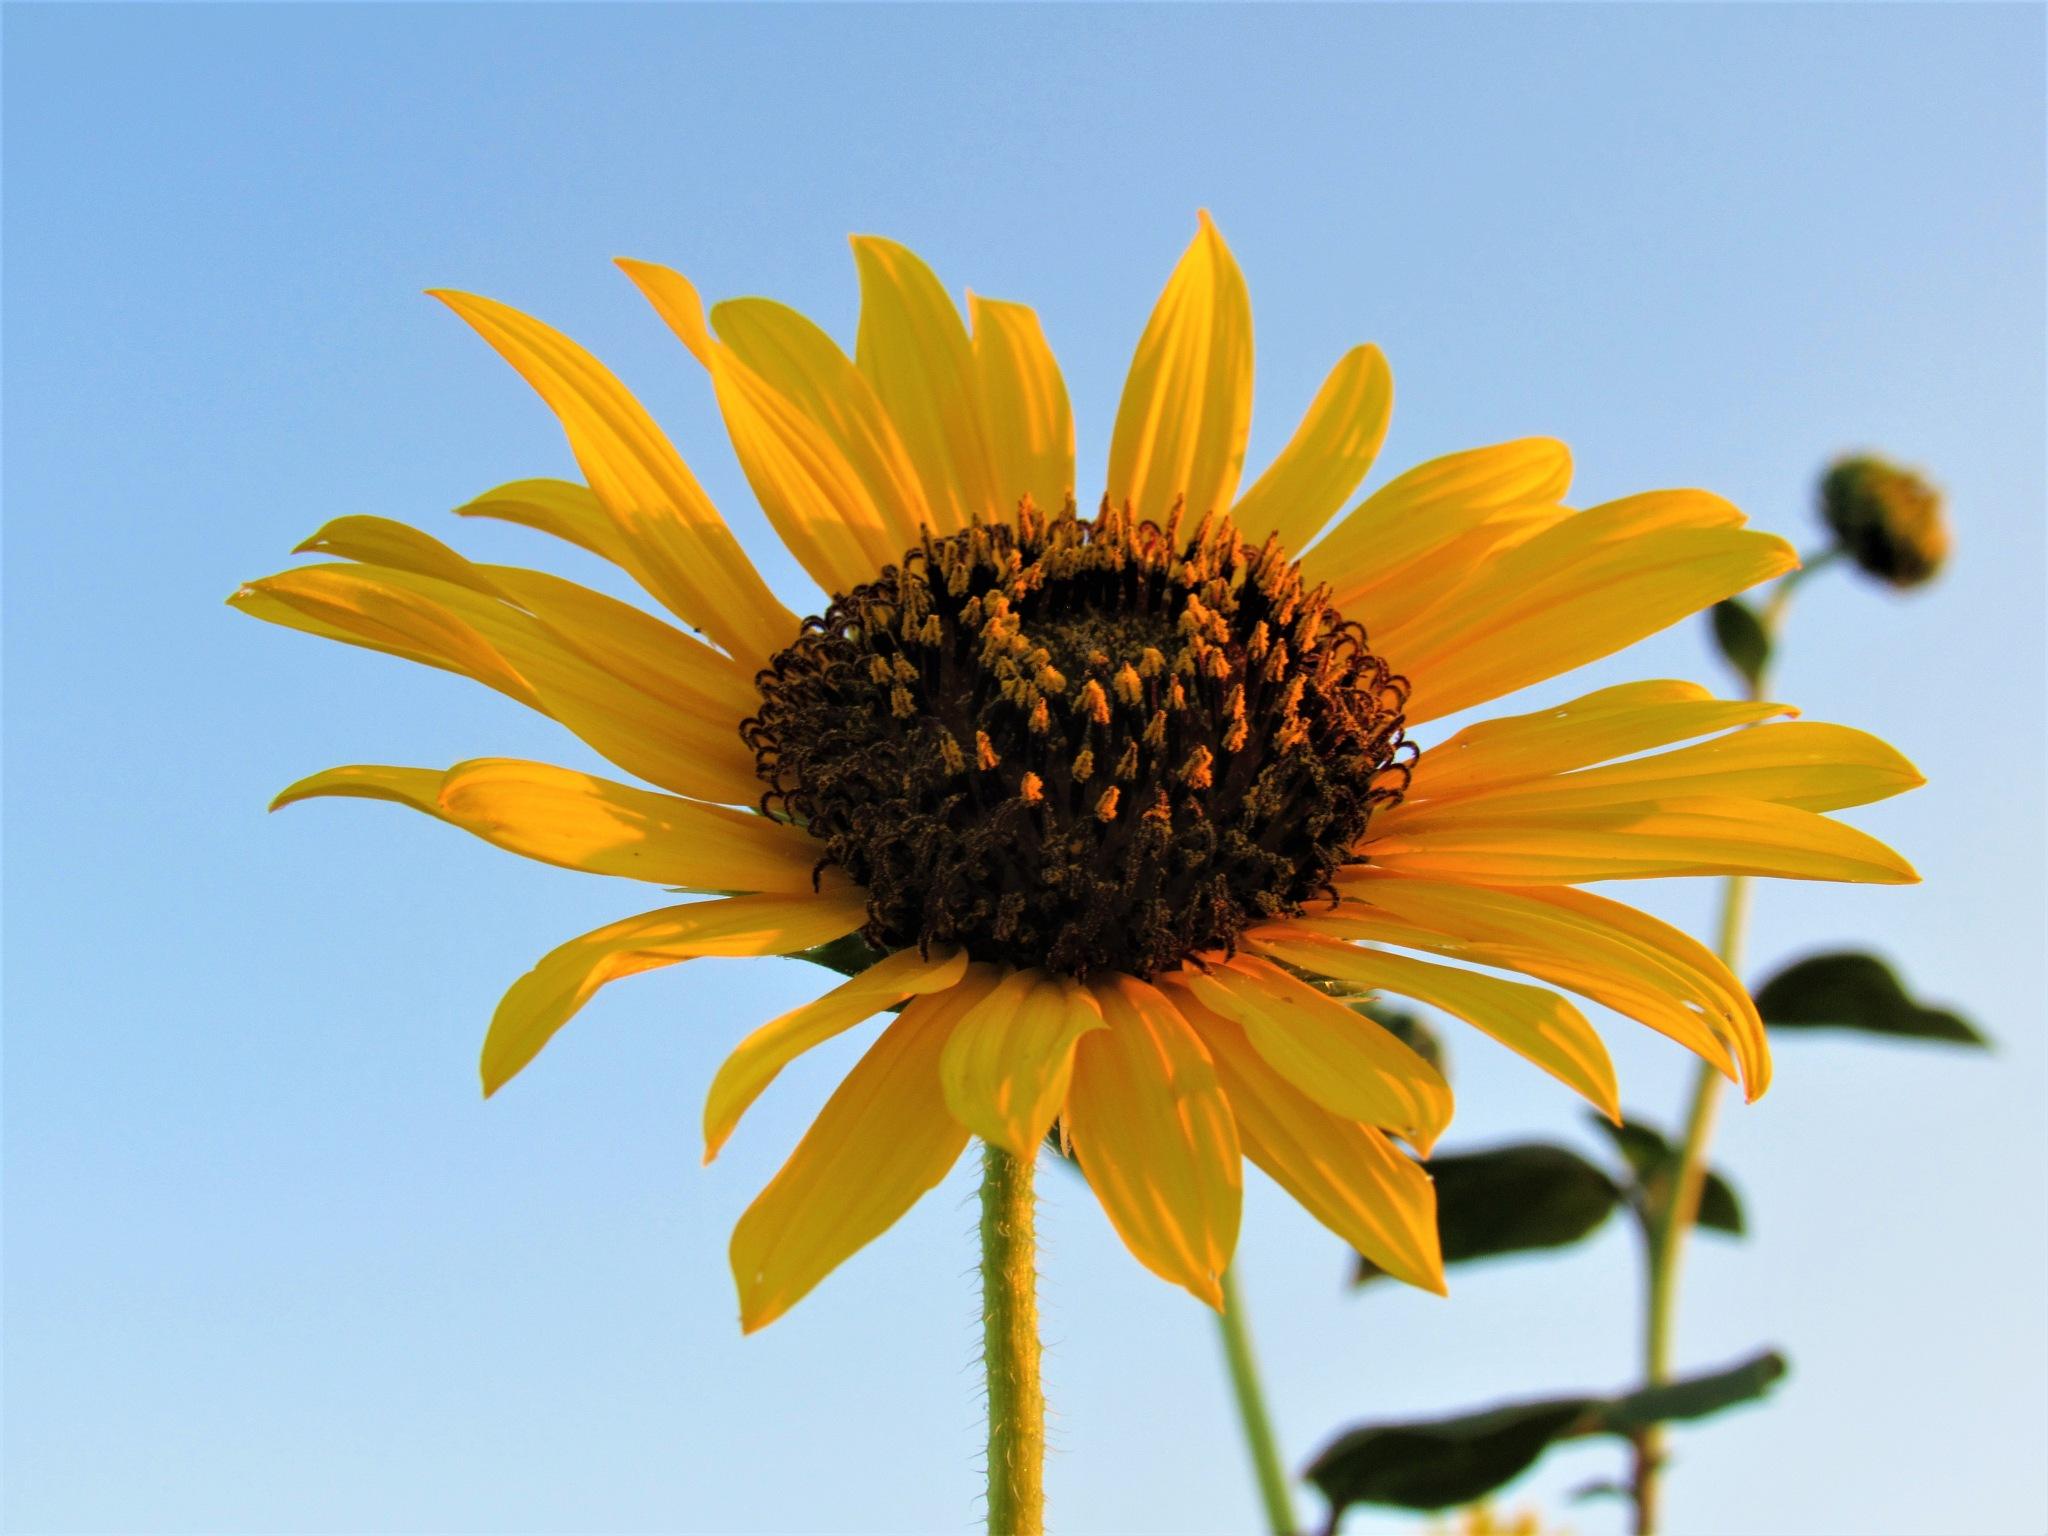 Sunflower by Brookelyn